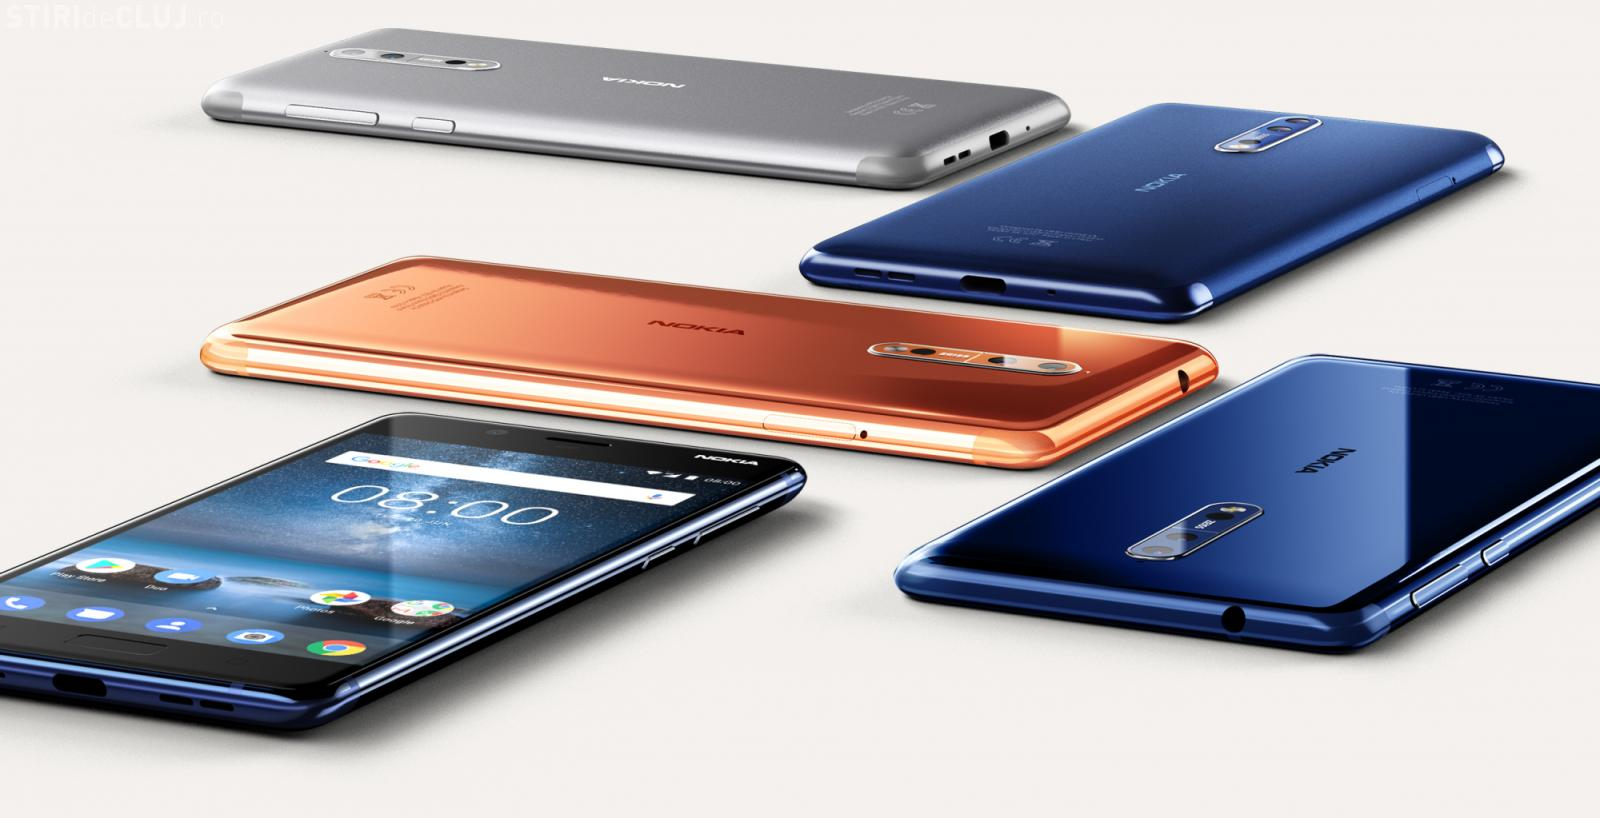 Nokia lansează primul flagship cu Android. Se bate cu Galaxy S8 la specificații